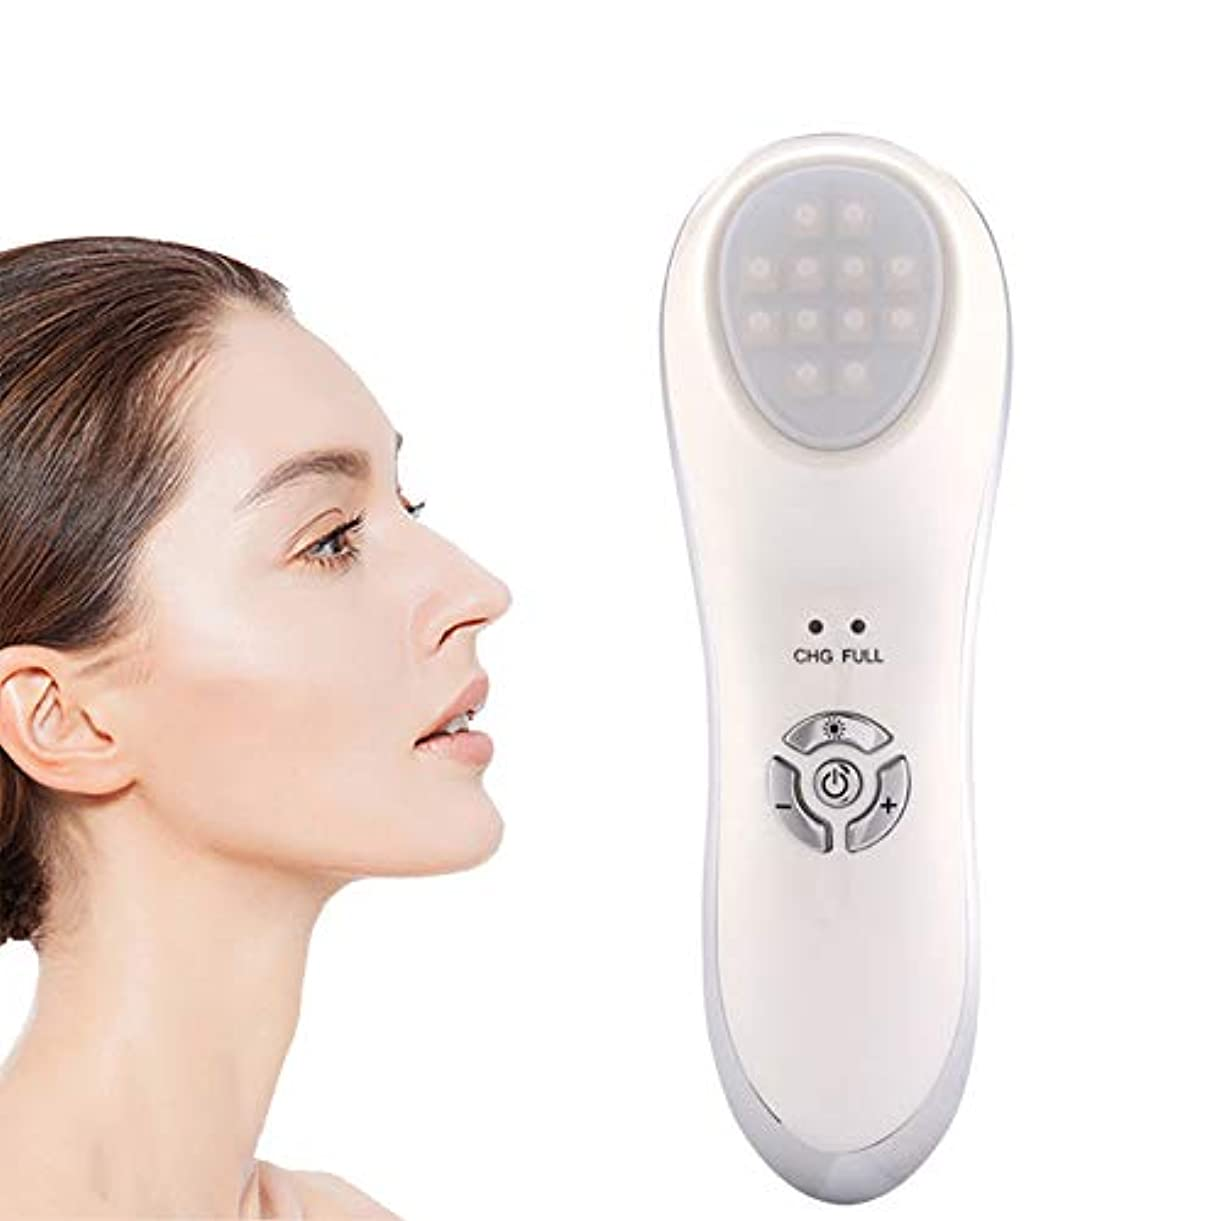 政治家の速報砲撃顔の美容マッサージ、微振動LEDライト美容機器、顔のリフトは皮膚再生を引き締め